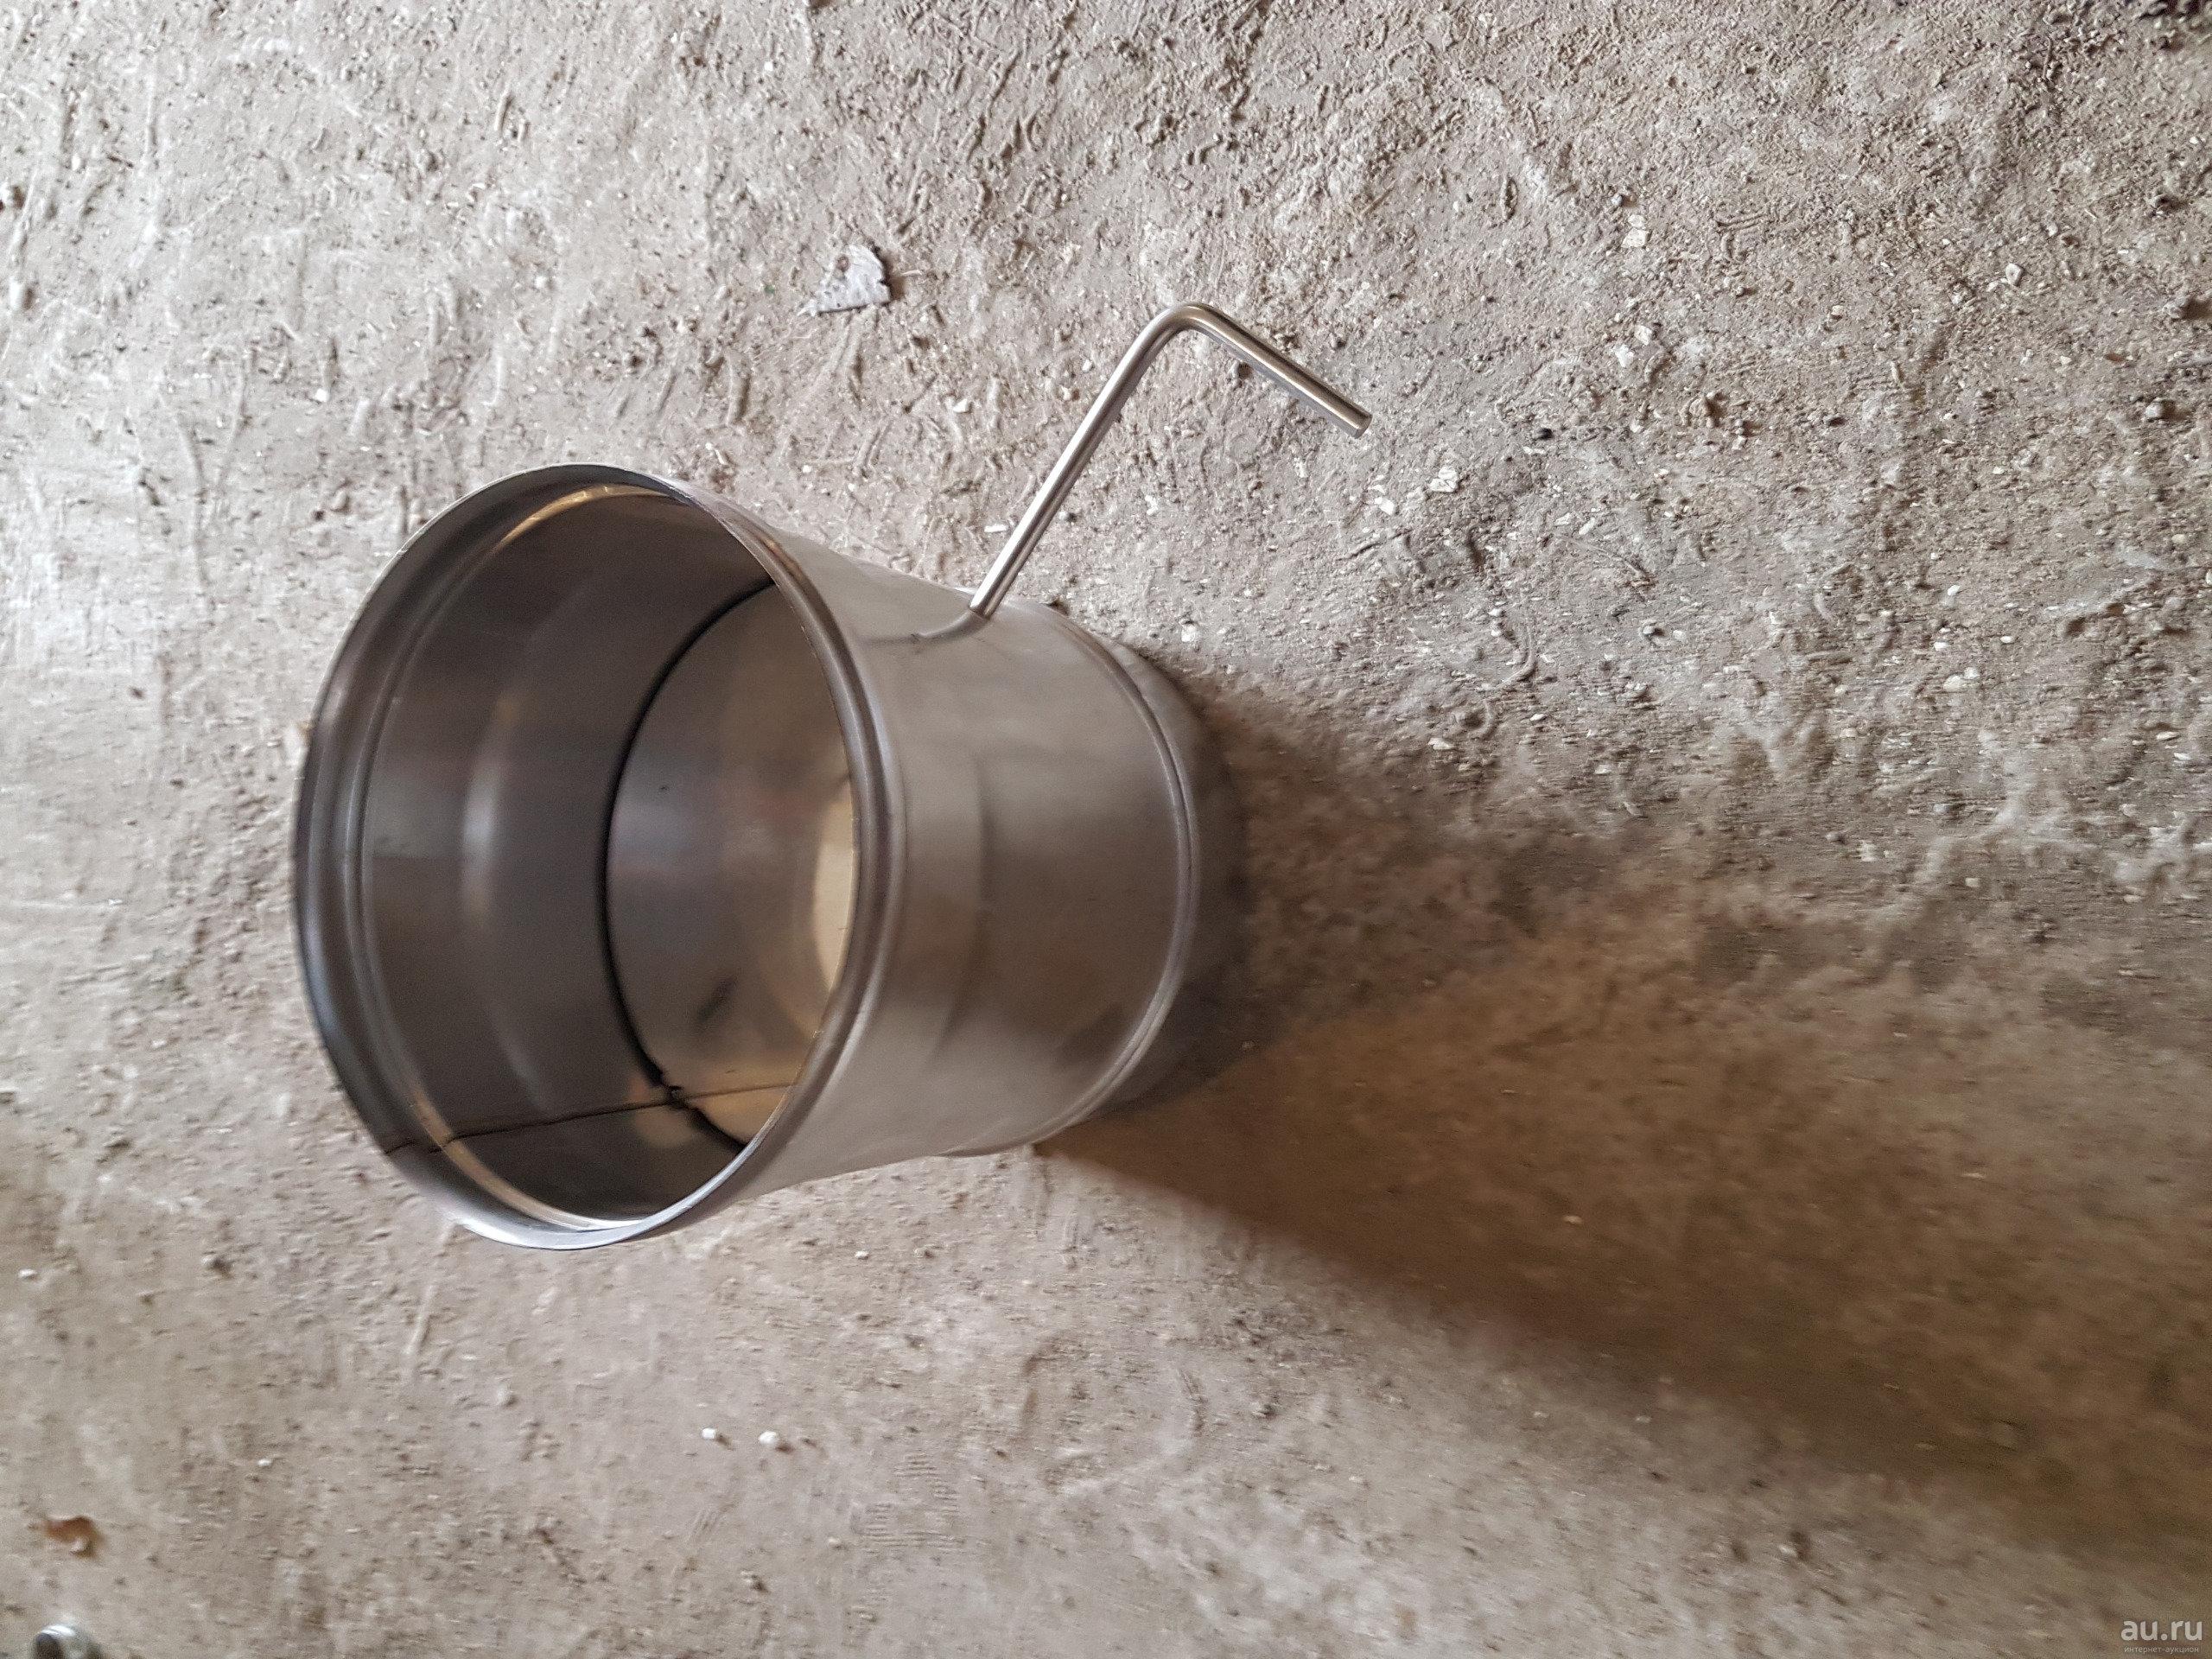 Шибер для дымохода: зачем он нужен и как его сделать своими руками